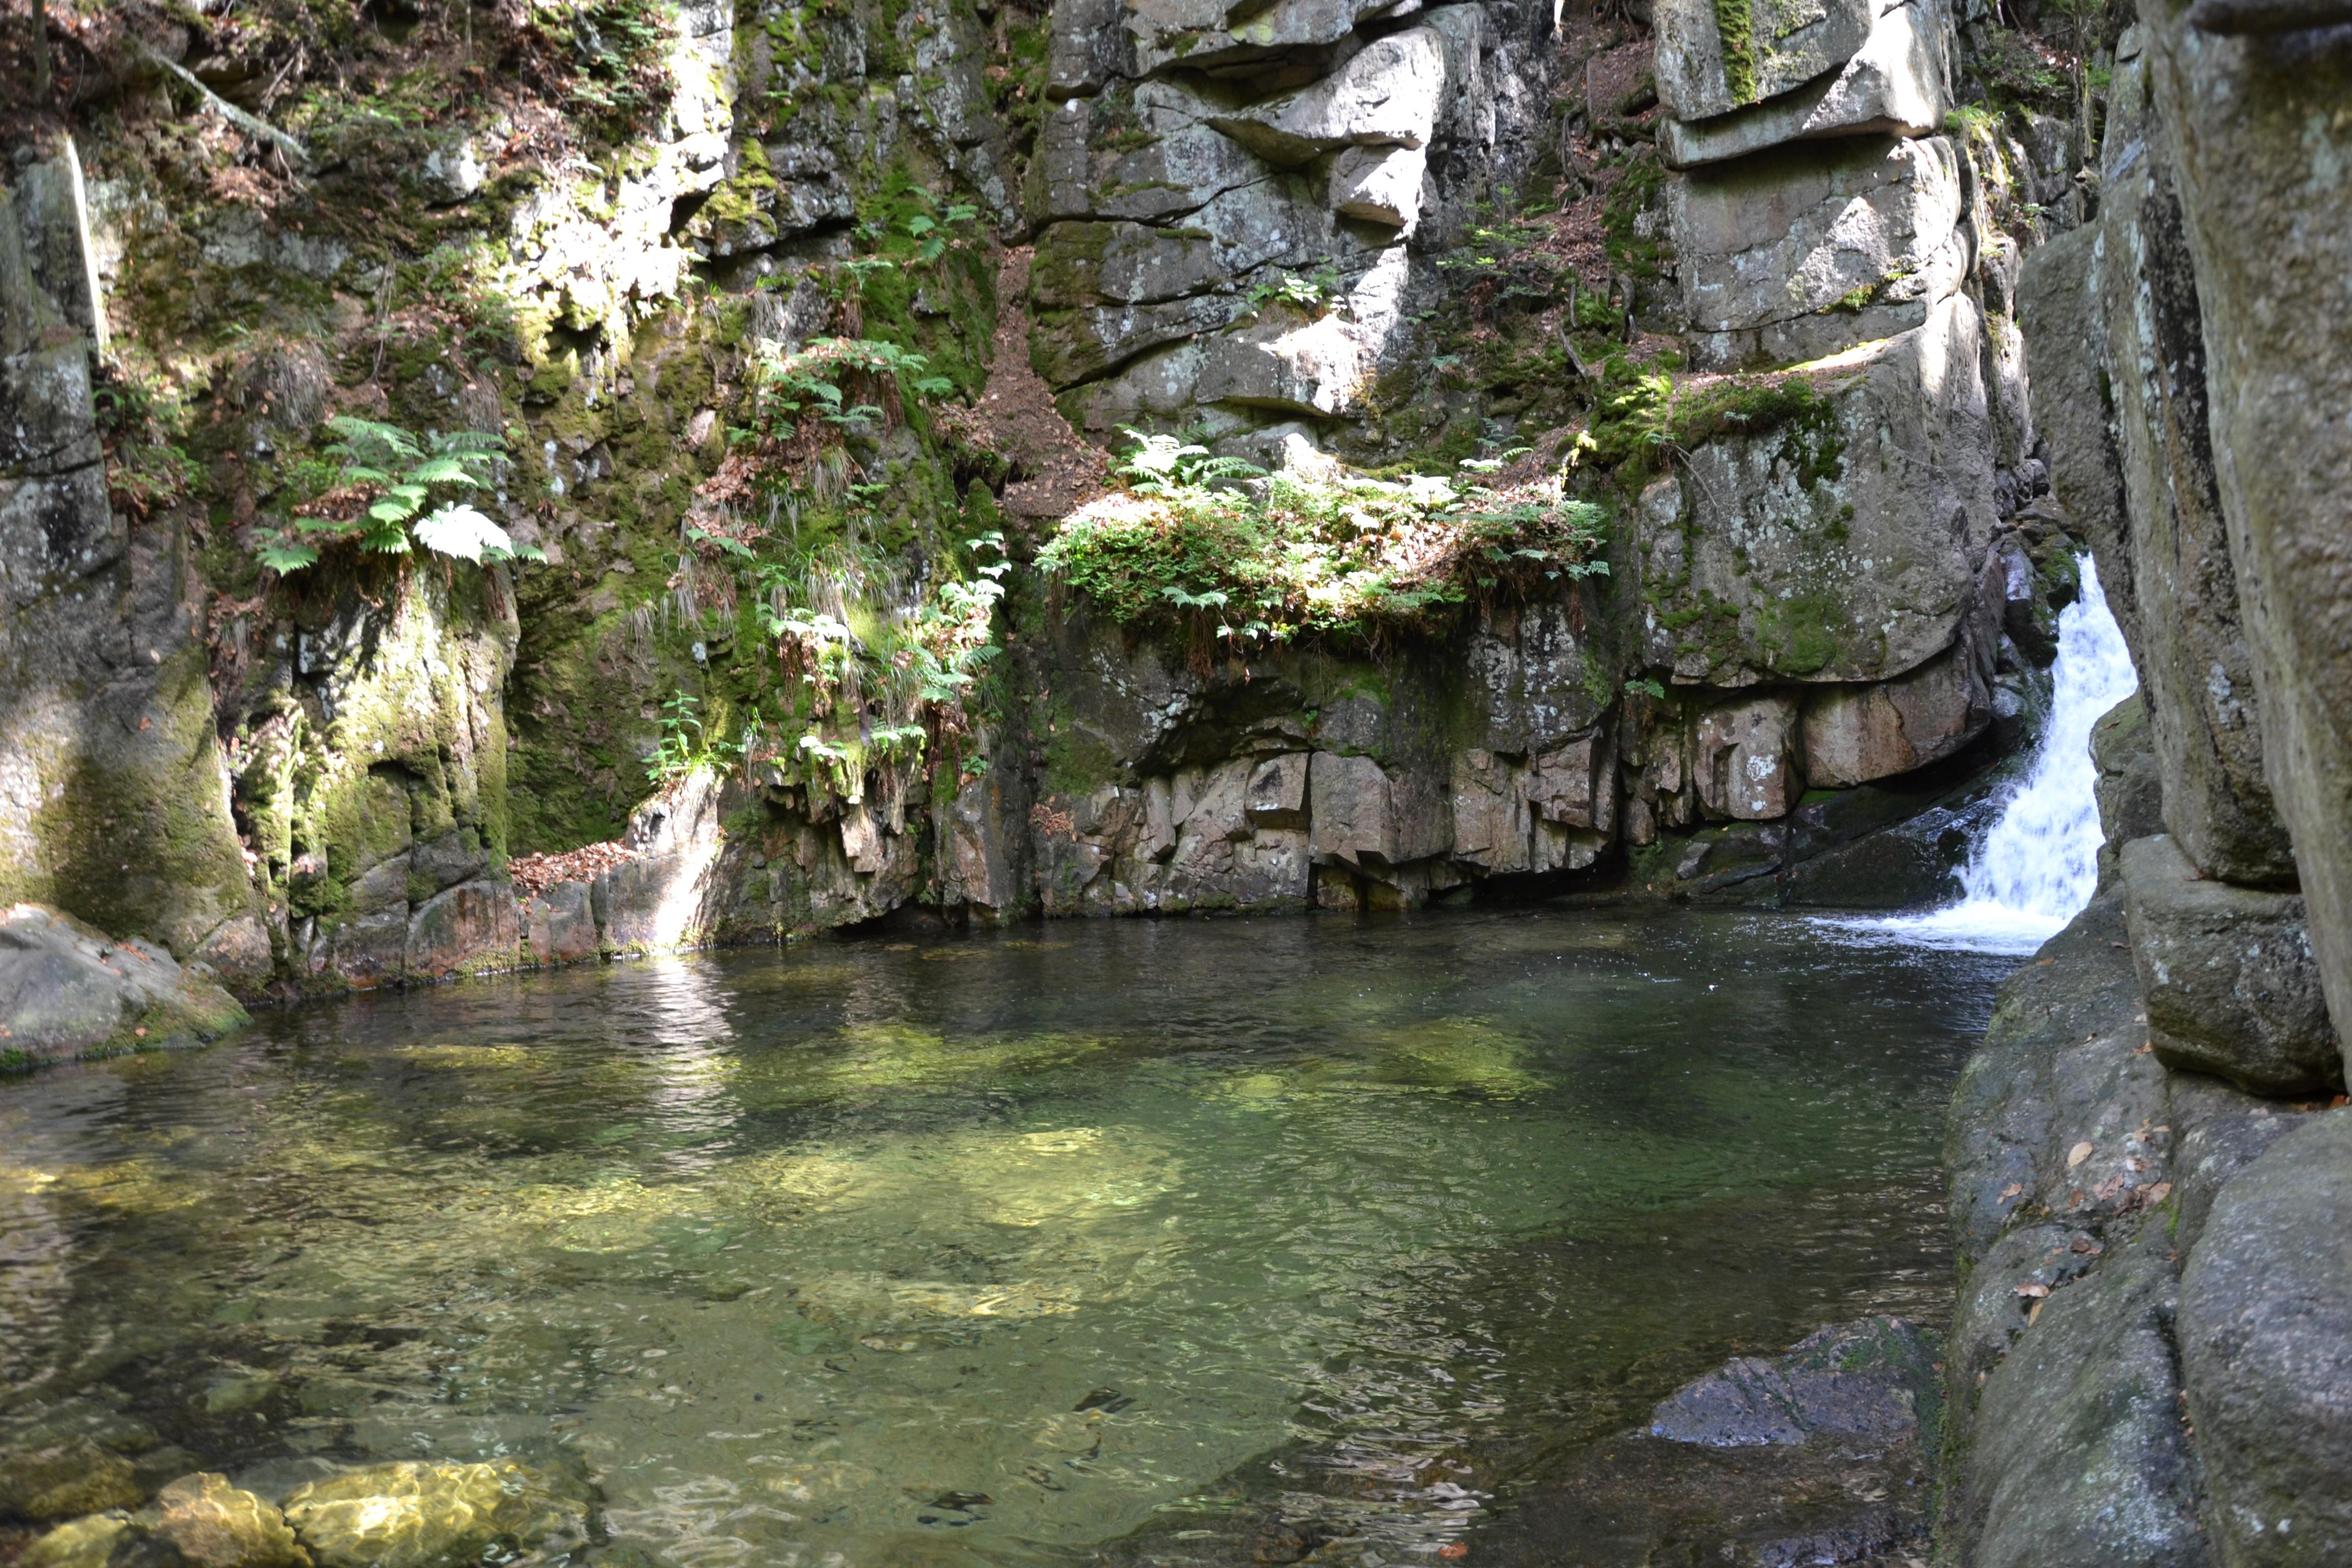 wodospad-podgornej-w-przesiece-zbierajsie (16)